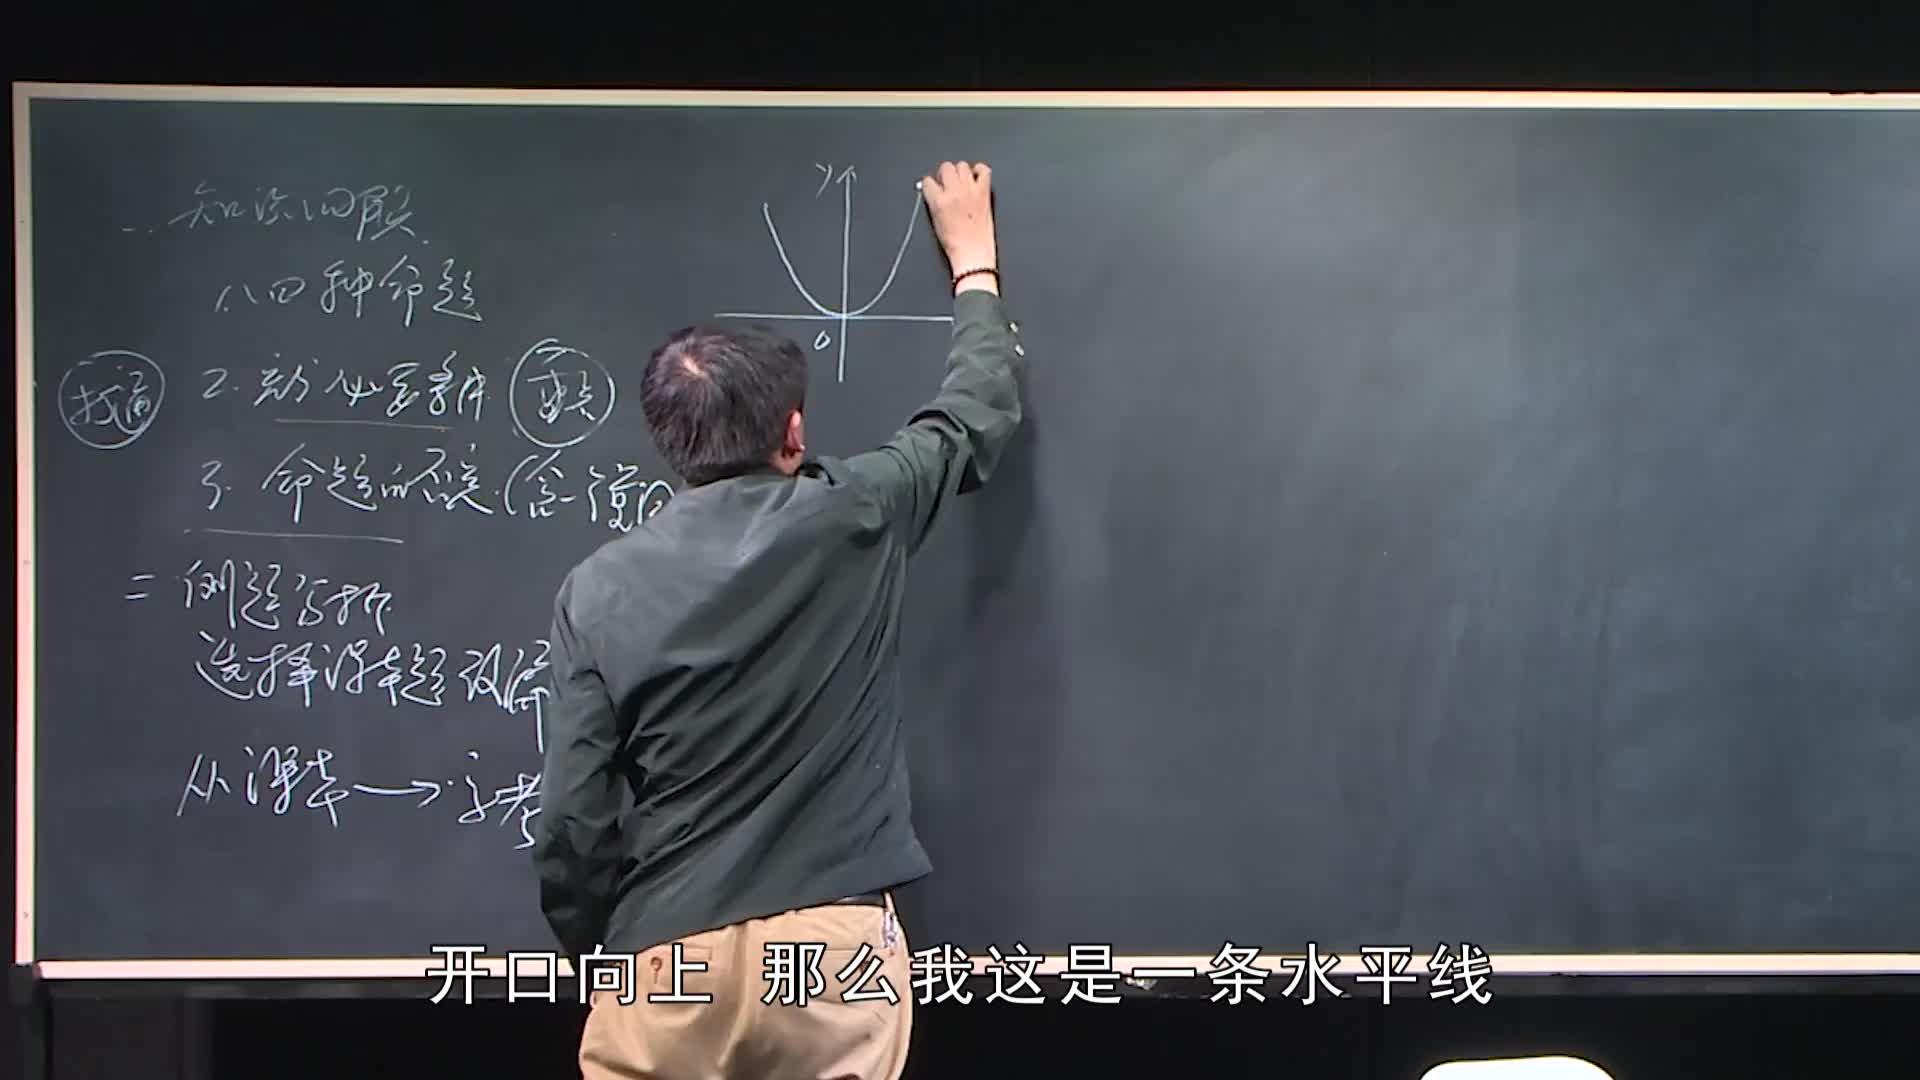 逻辑命题高三一轮复习课堂设计 2、重点题型和变式训练逻辑命题与圆锥曲线(上)-视频微课堂